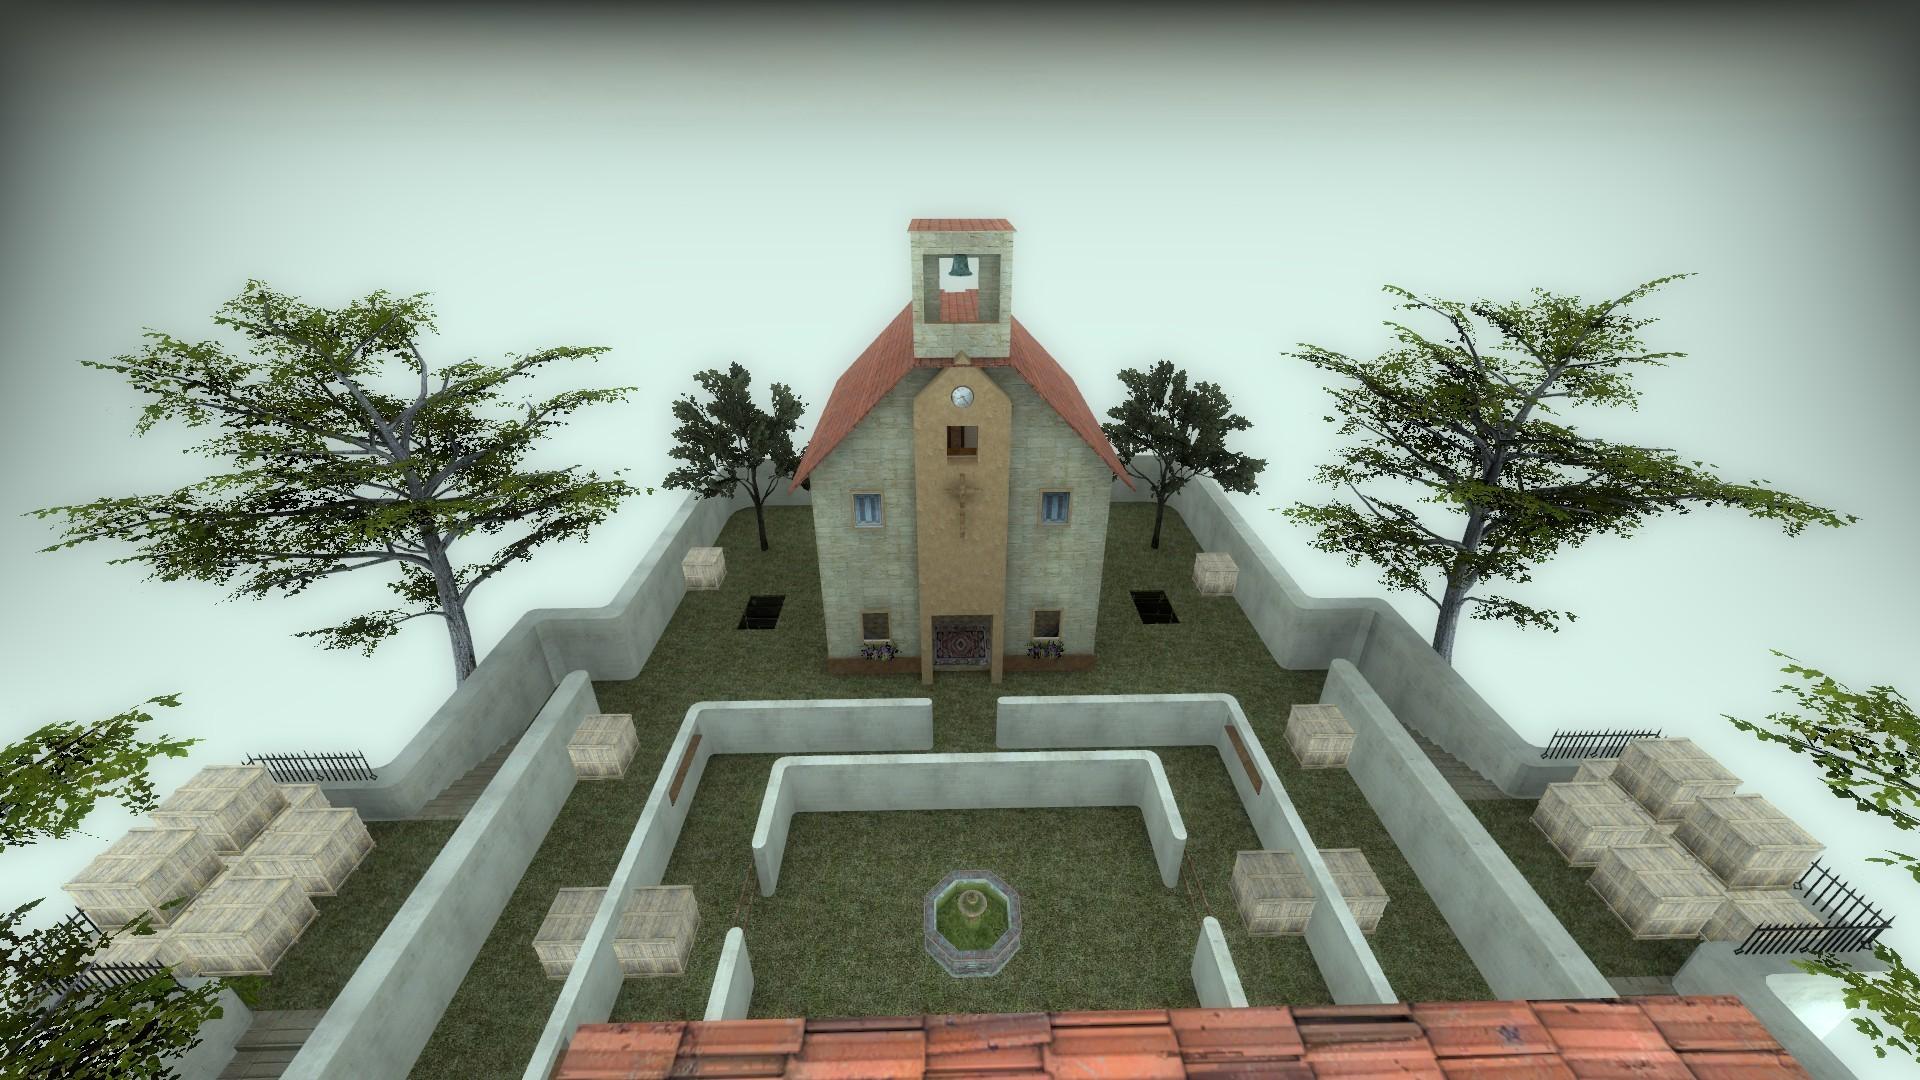 http://endgegner.fightercom.de/CounterStrikeGlobalOffensive/screen-ar_churches4.jpg